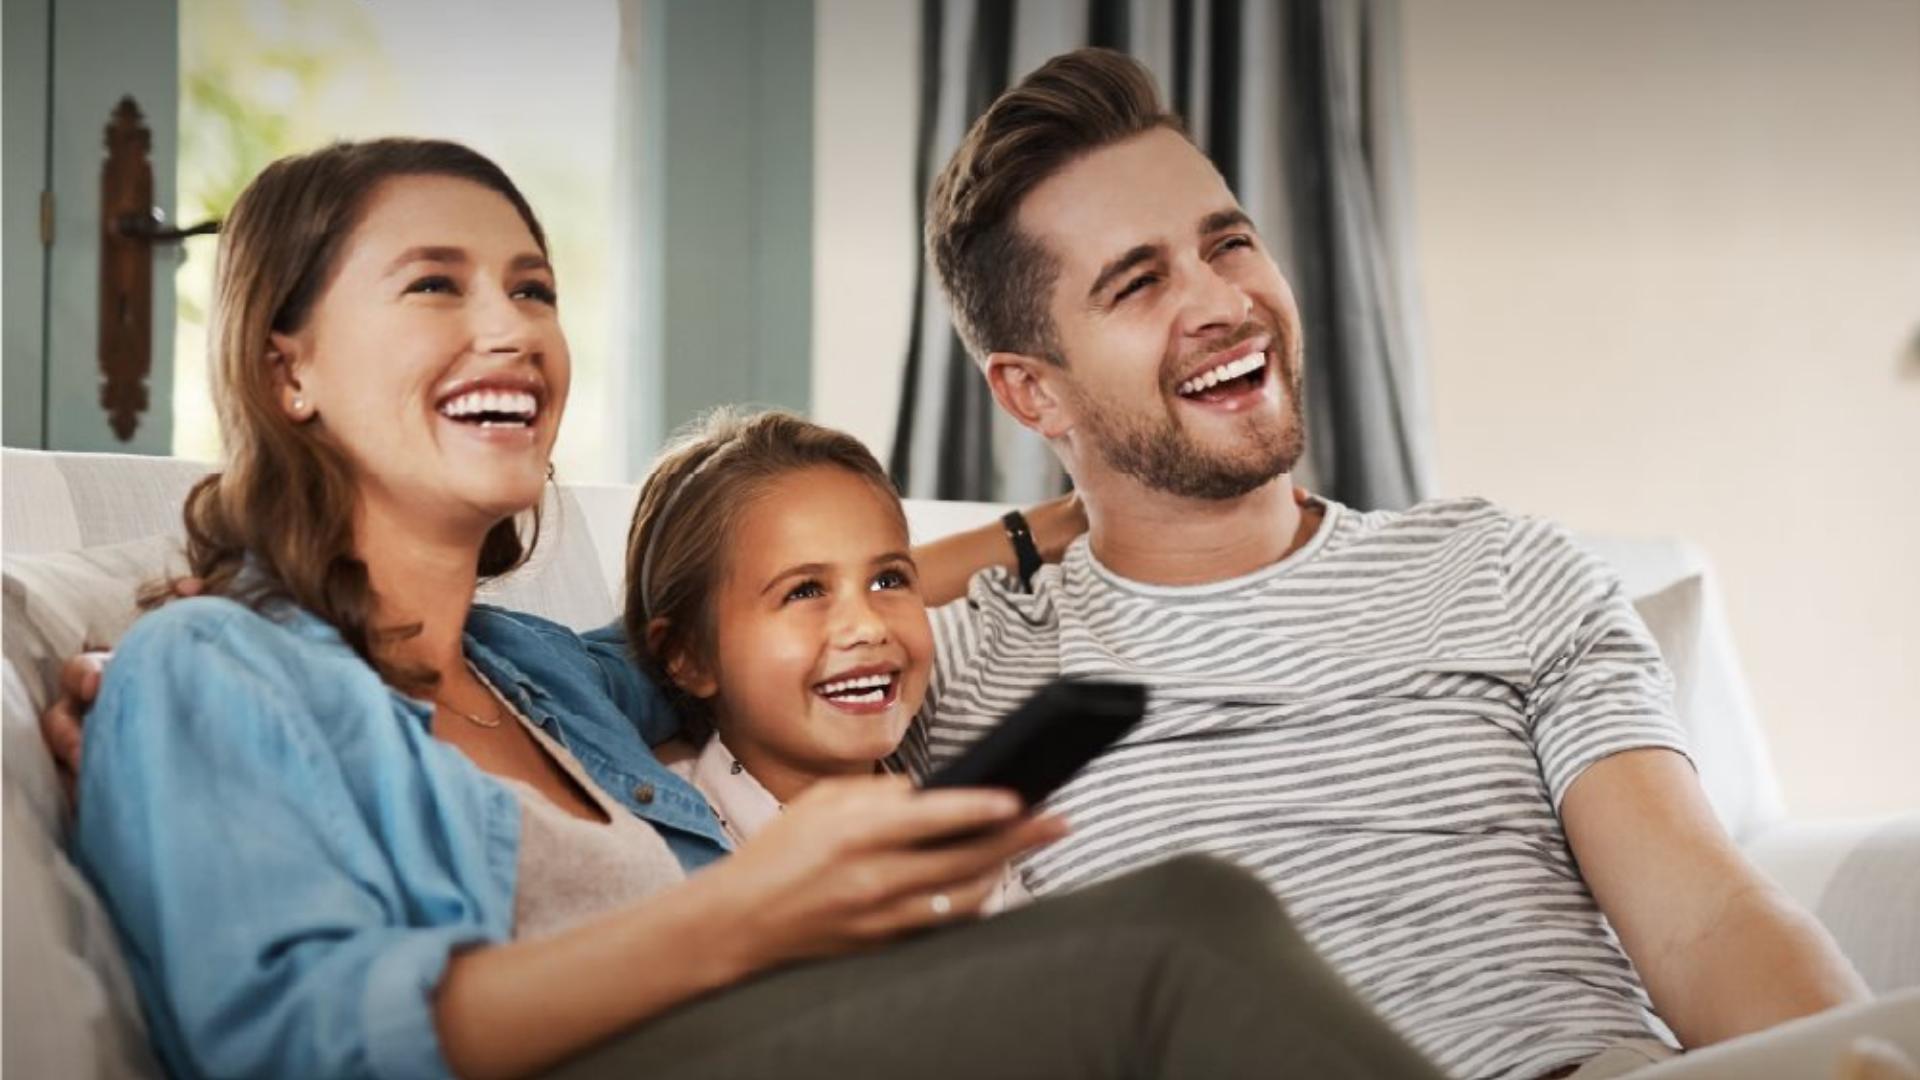 Pensar en mejoras para el hogar, nos hace creer que es un gasto, cuando en realidad es una excelente forma de invertir. Así como convertir tu sala en un espacio de entretenimiento, sin salir de casa y exponerte.